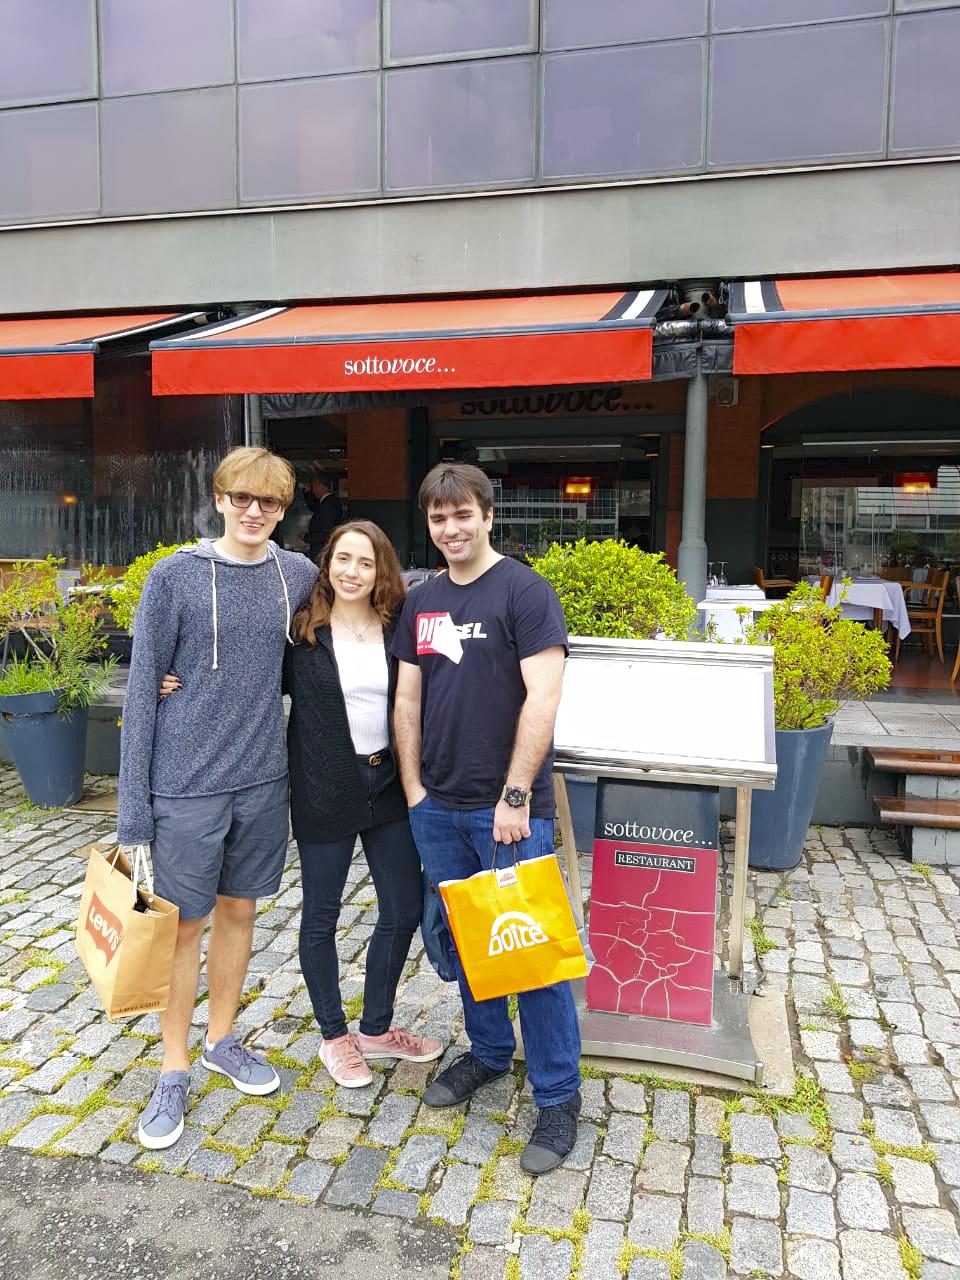 Família Maksoud em frente à entrada do restaurante Sotto Voce em Puerto Madero.